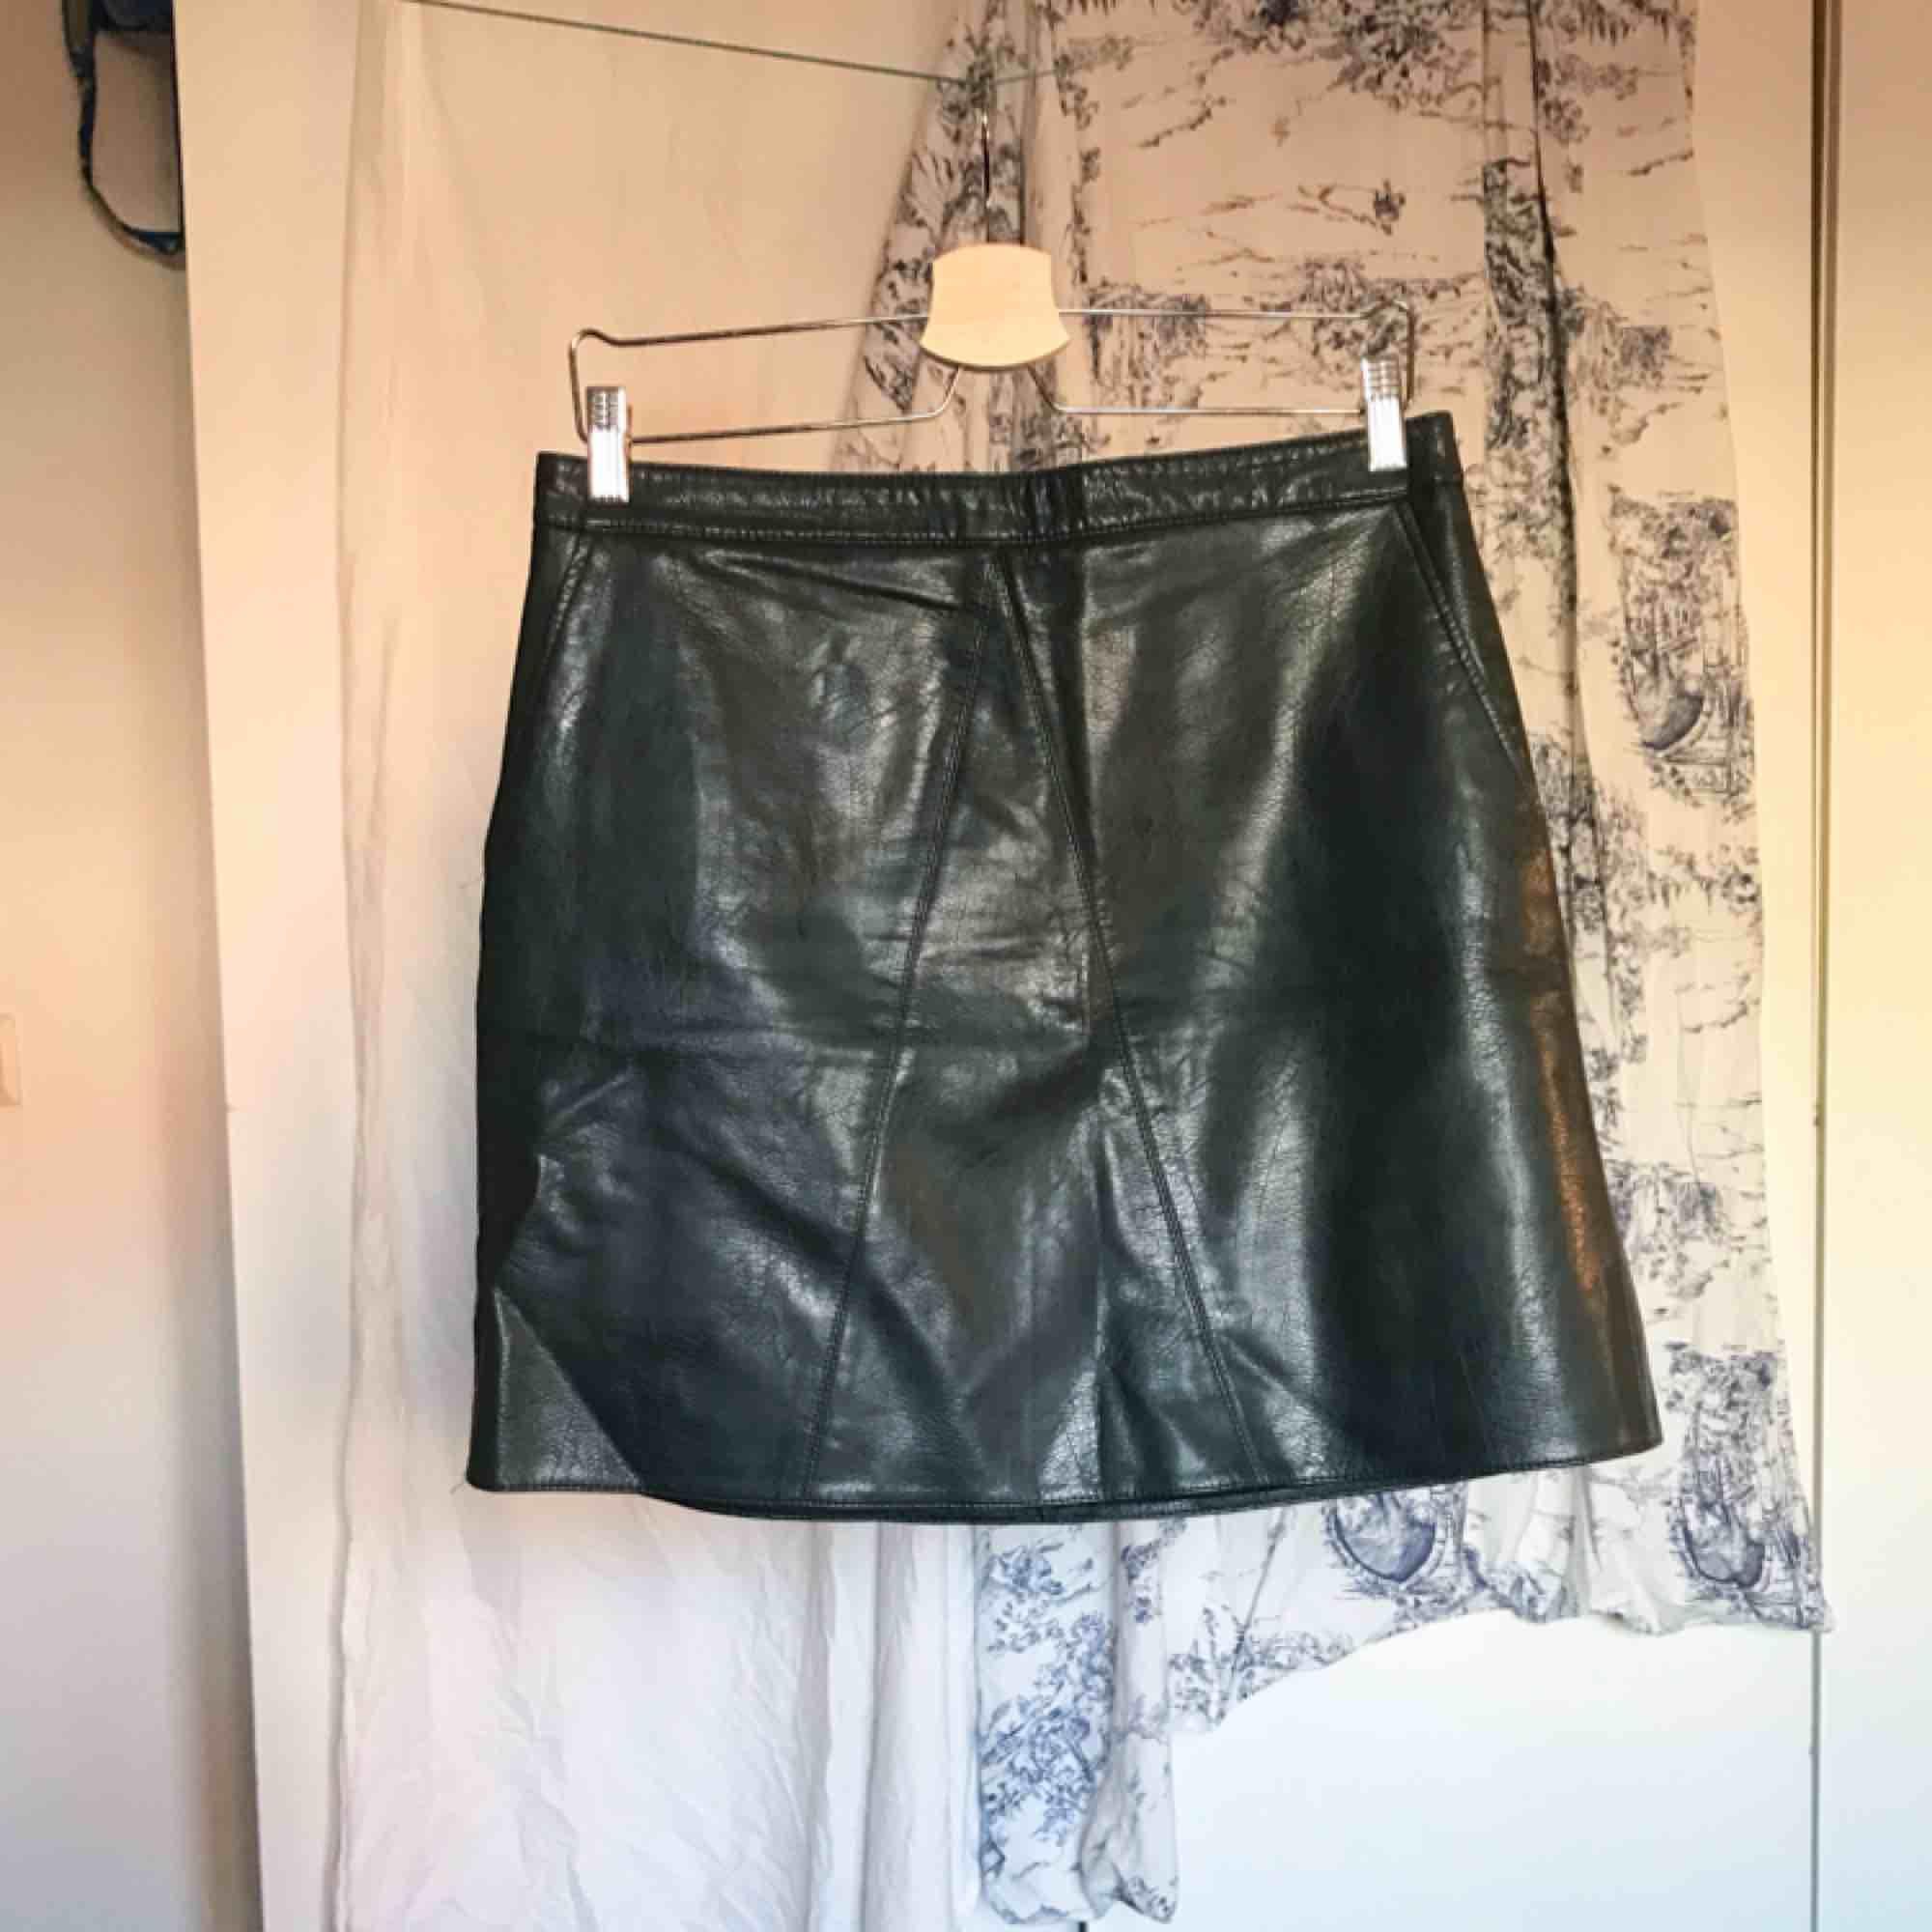 Mörkgrön miniskirt i fakeläder från Zara. Kjolen har fickor och kontrasterande dragkedja bak. Använd ett fåtal gånger och är i gott skick. Köparen står för frakt ⚡️. Kjolar.